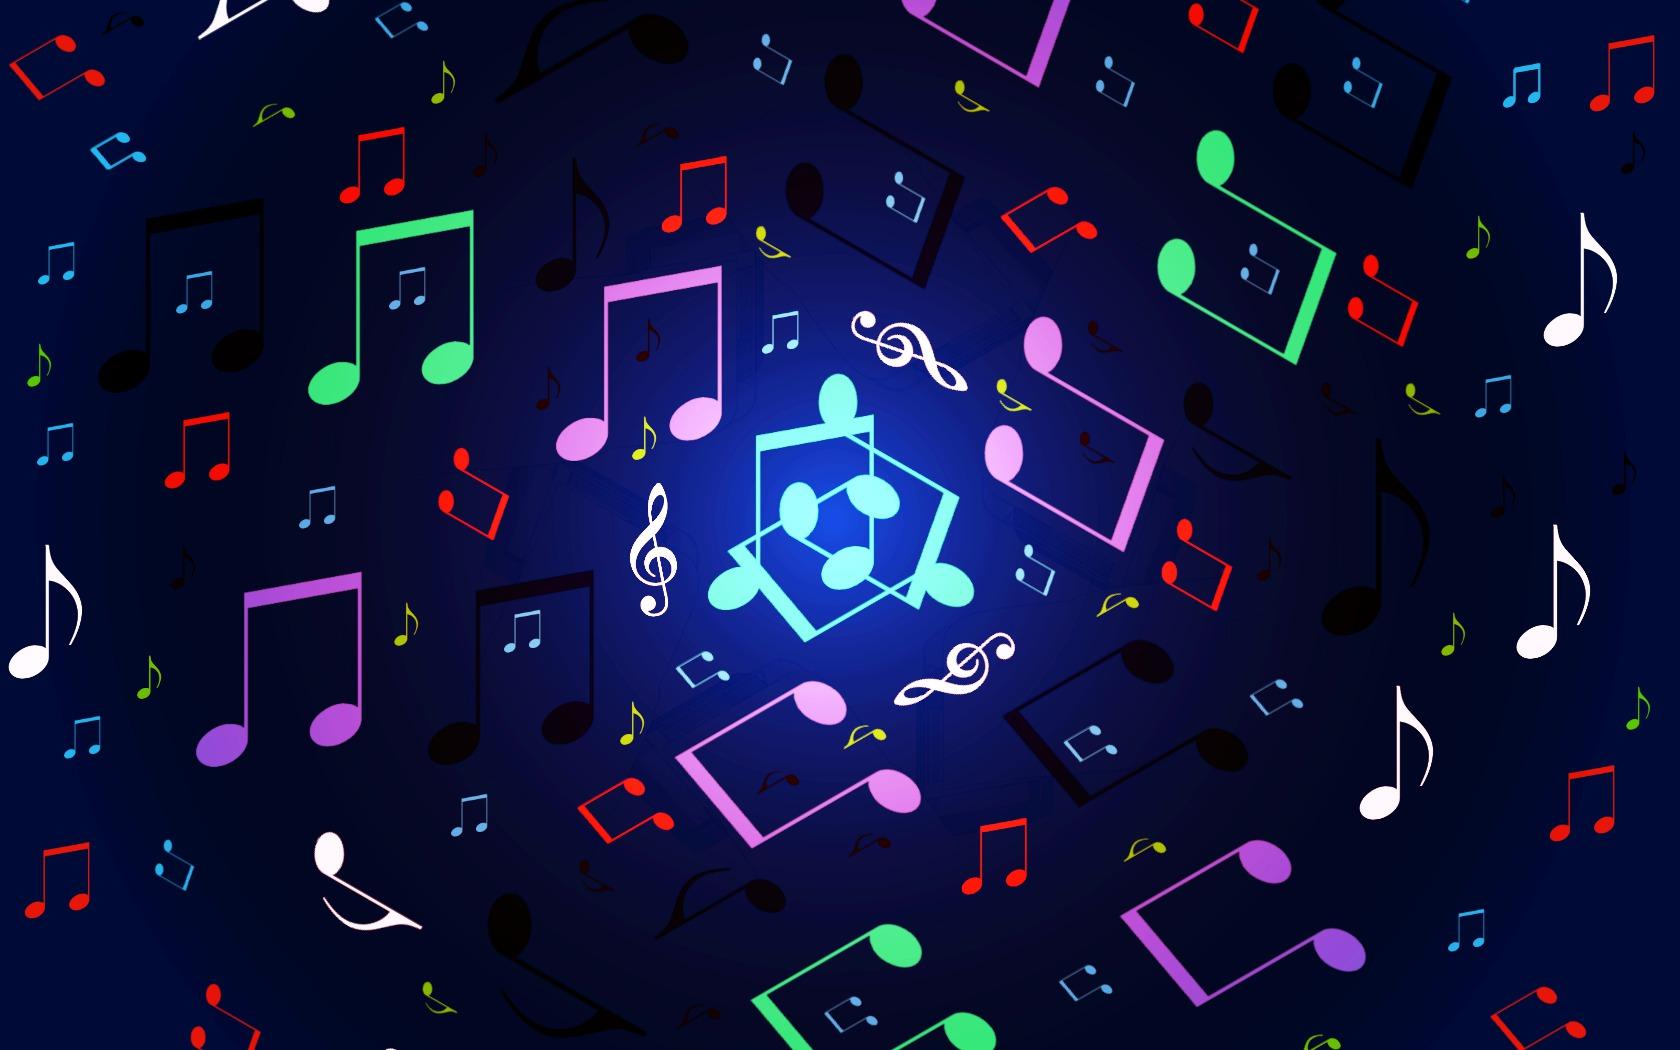 50 Cute Music Wallpaper On Wallpapersafari